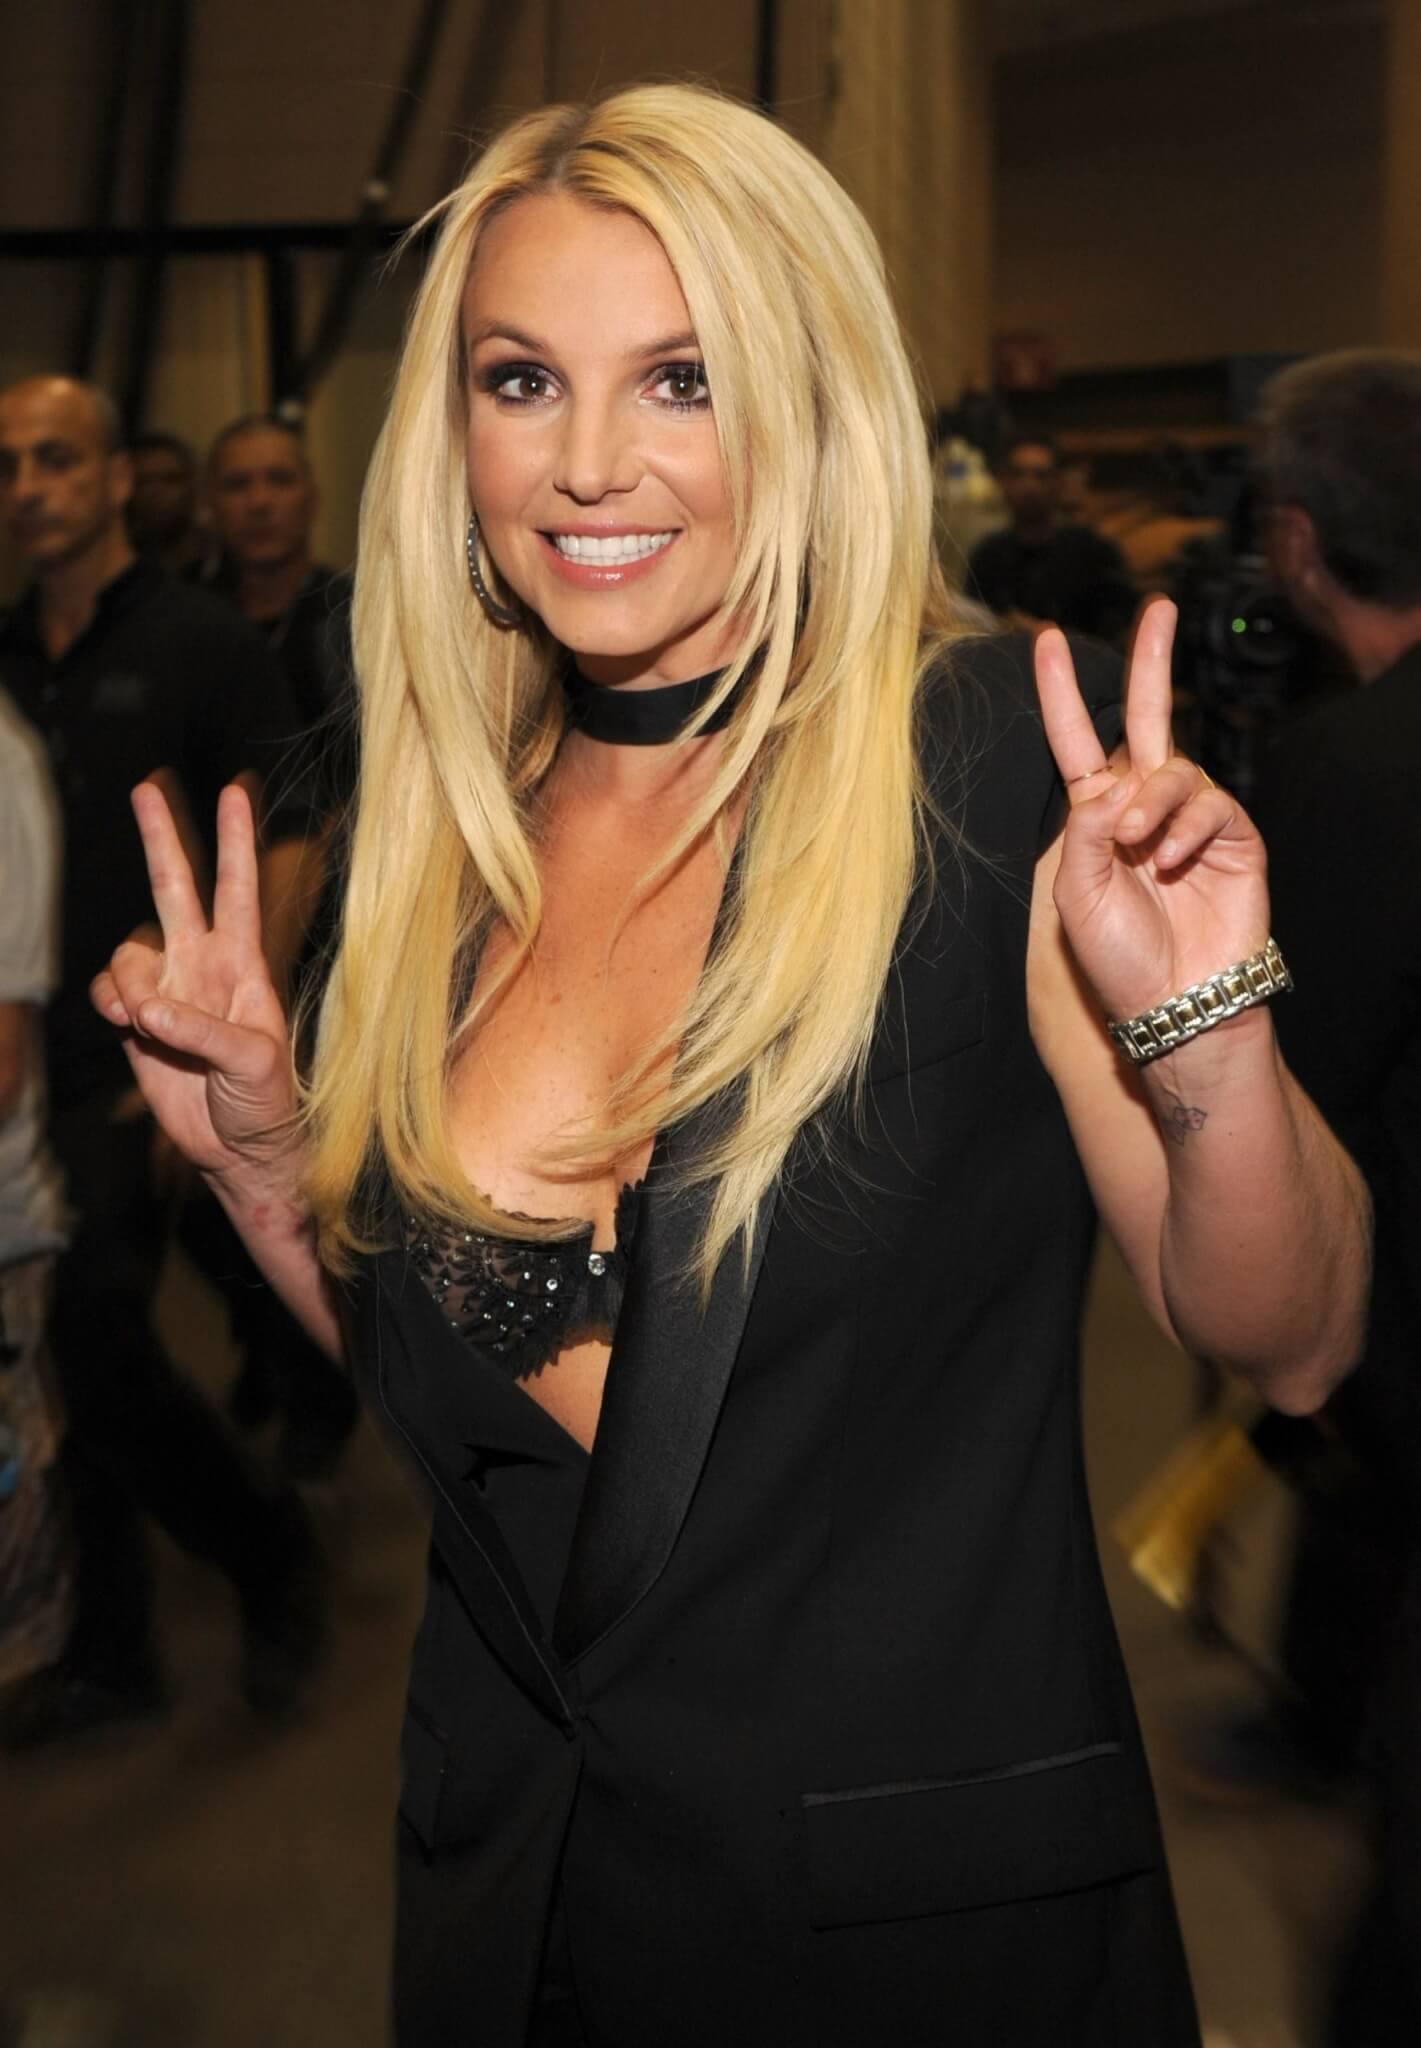 ¡Britney Spears es libre! Su padre renuncia a la tutela tras 13 años de duro control sobre la cantante